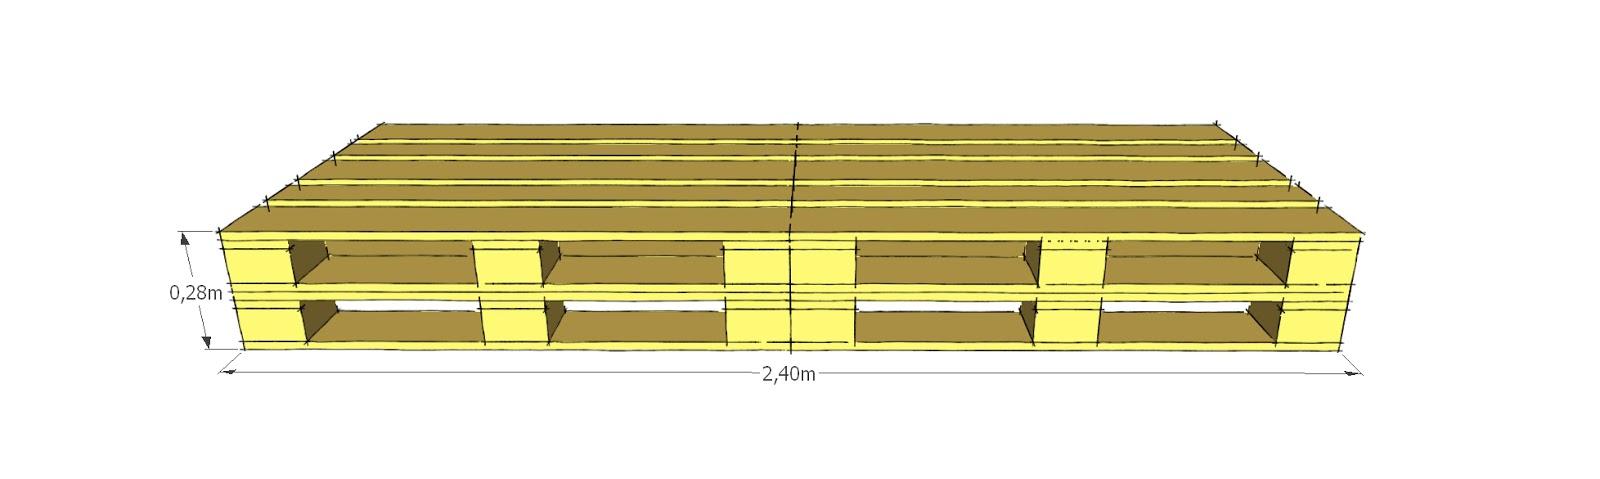 Progettare spazi verdi come costruire un divano con i - Realizzare un divano coi pallet ...